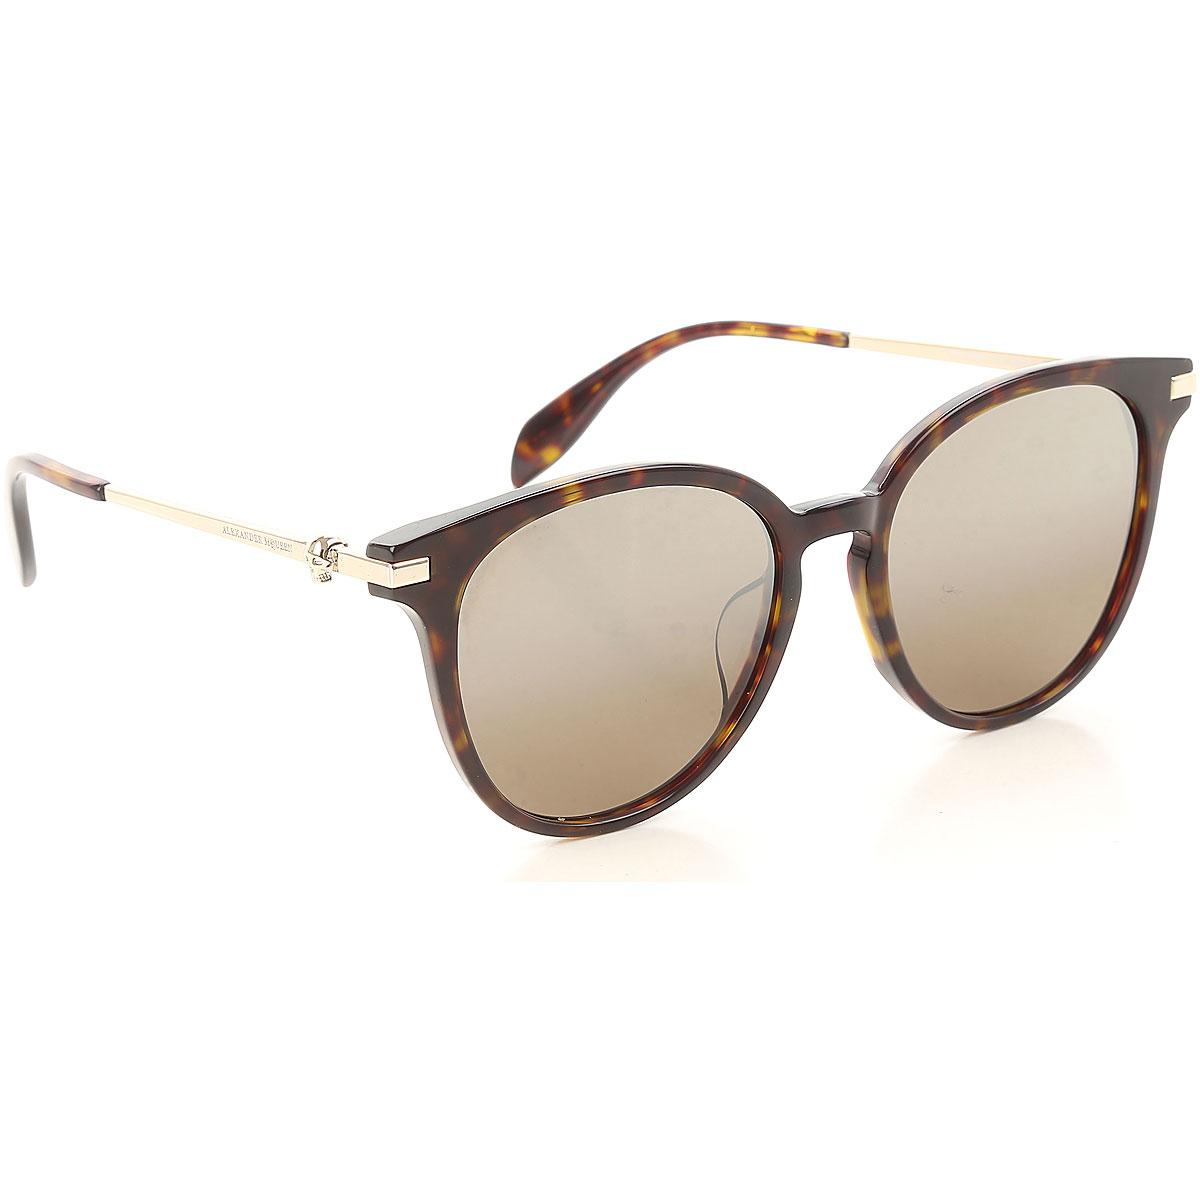 Alexander McQueen Sunglasses On Sale, Havana, 2019